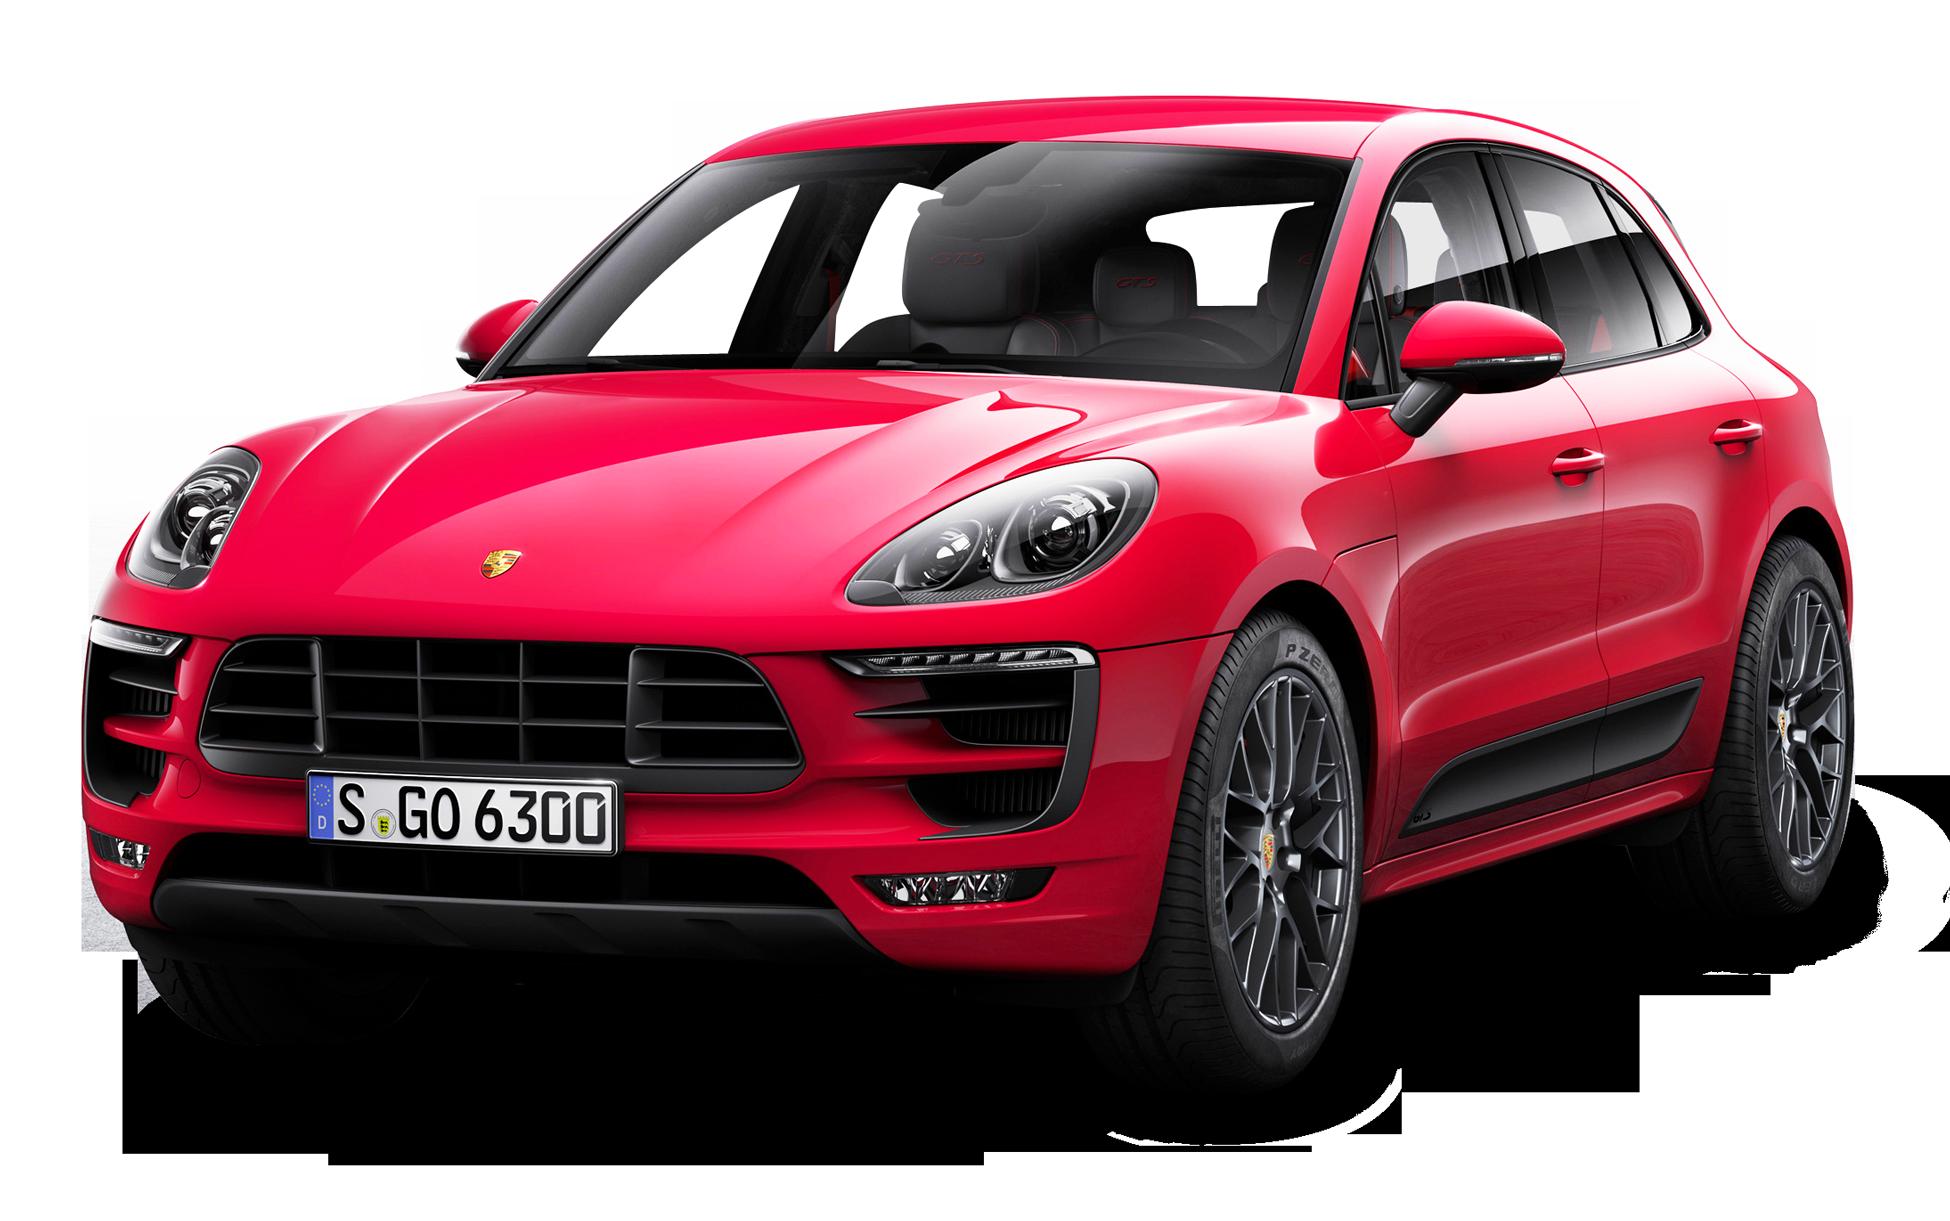 Red Porsche Macan GTS Car